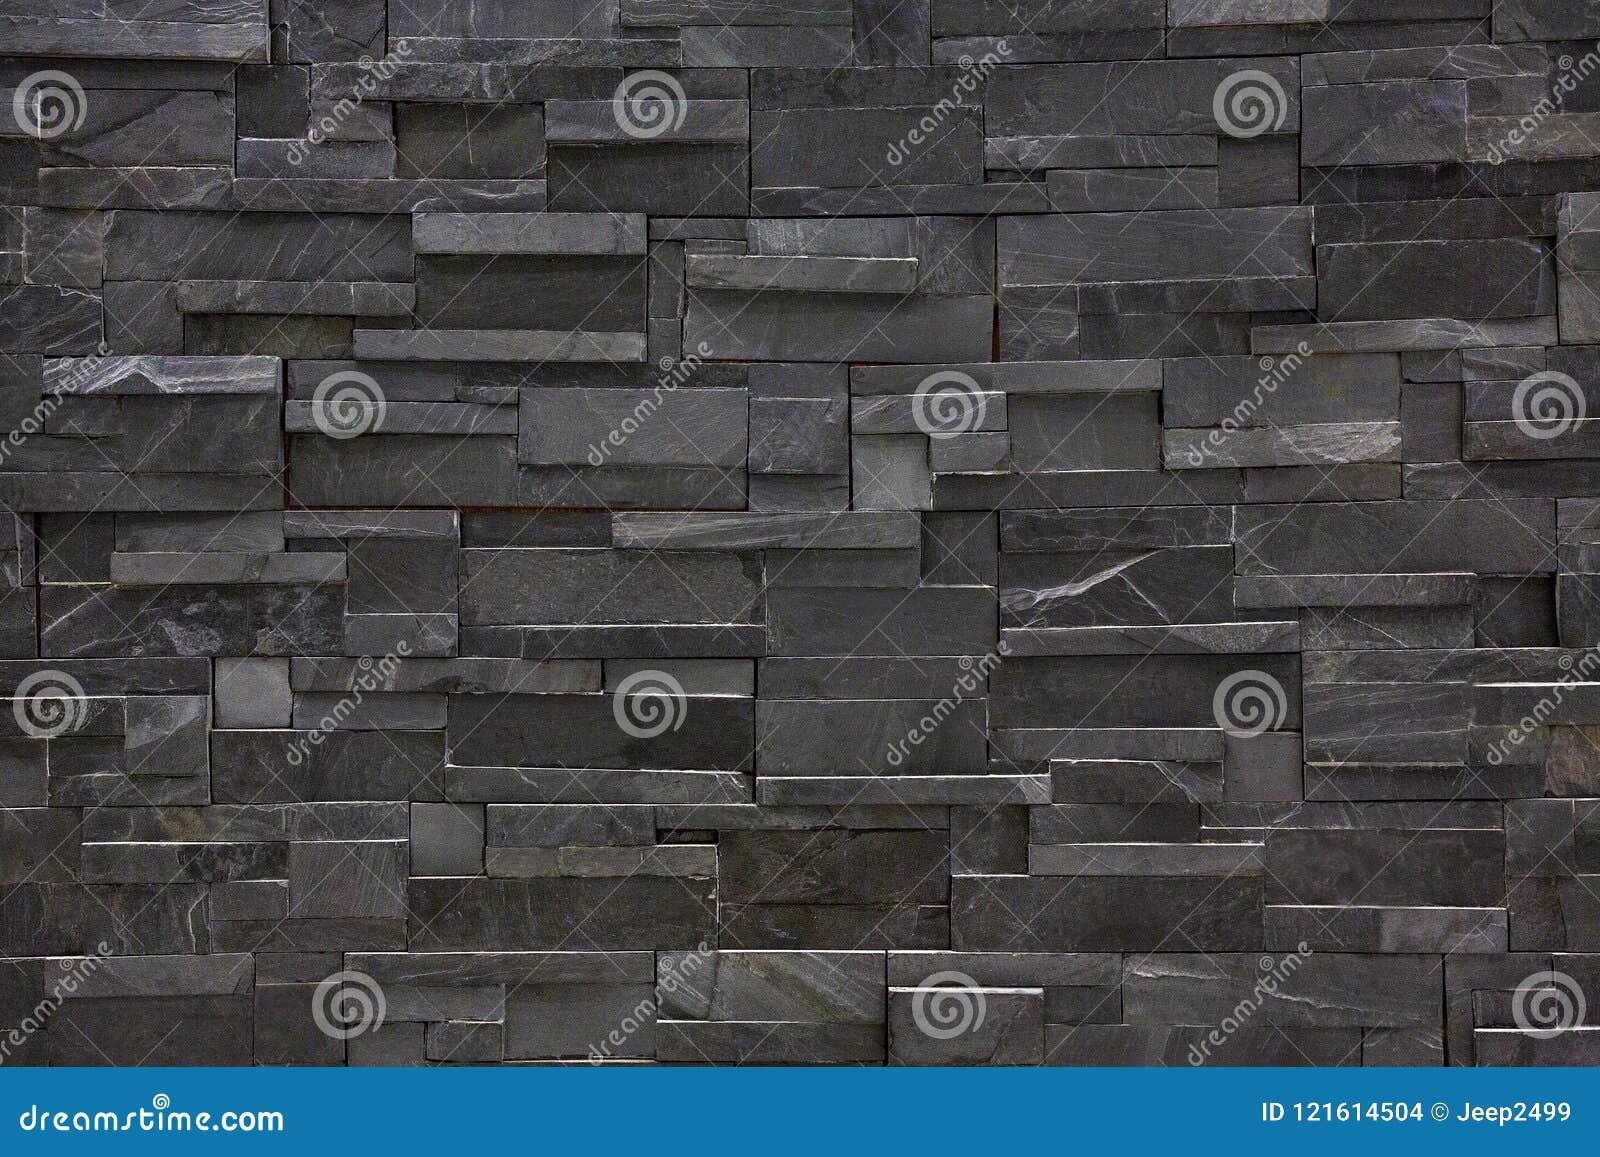 Modelos y texturas de paredes de ladrillo